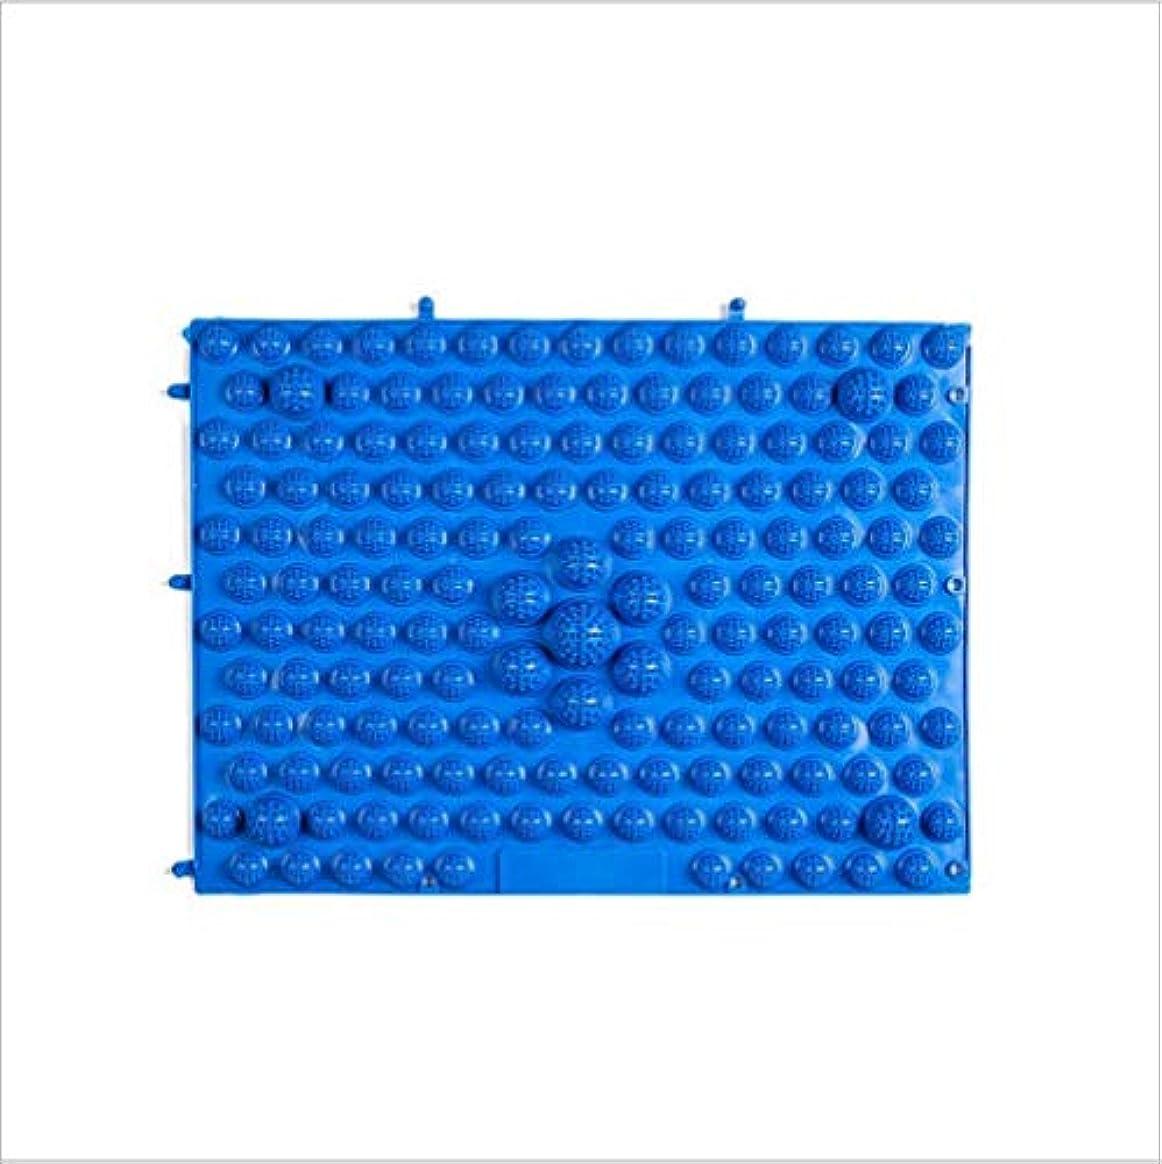 上昇合成動物園ウォークマット 裏板セット(ABS樹脂製補強板付き)(ブルー)